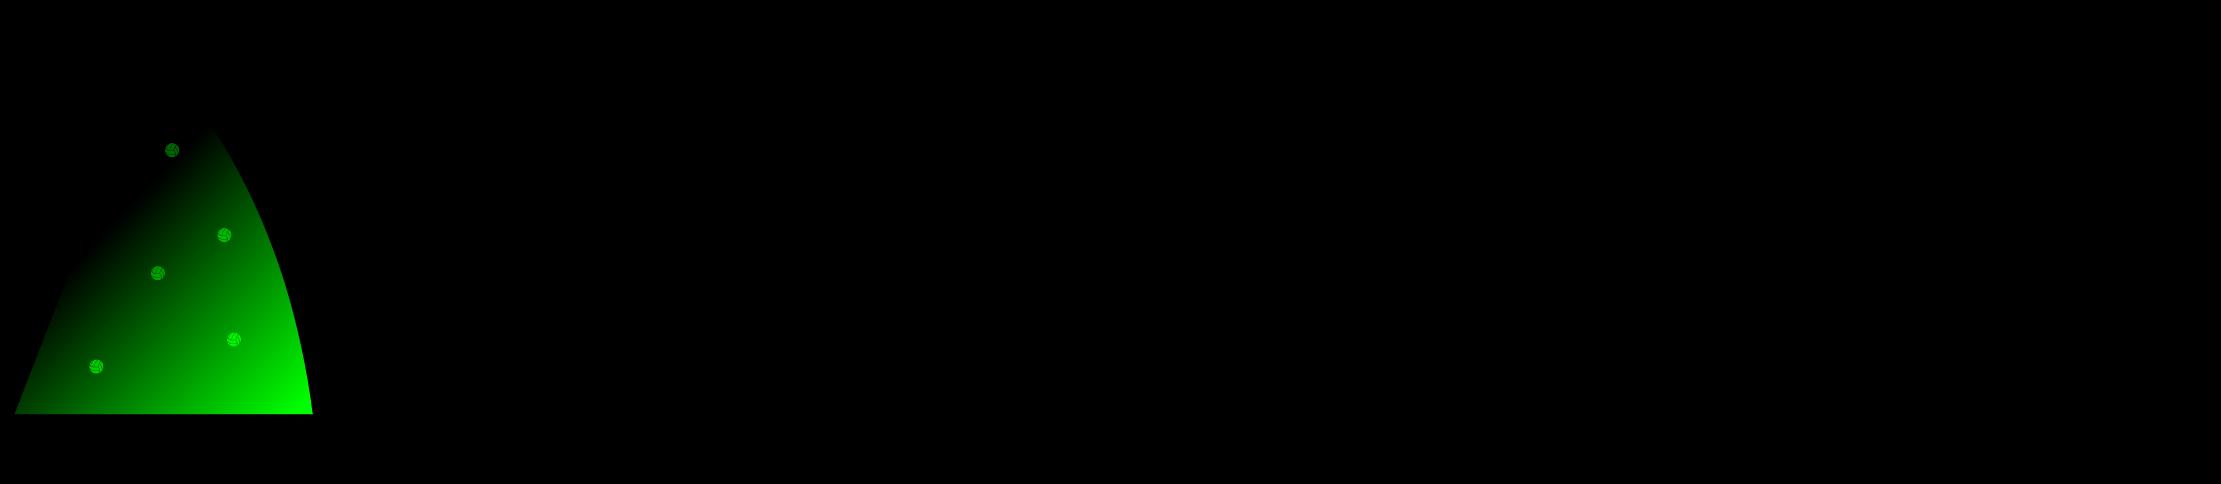 Volley Radar